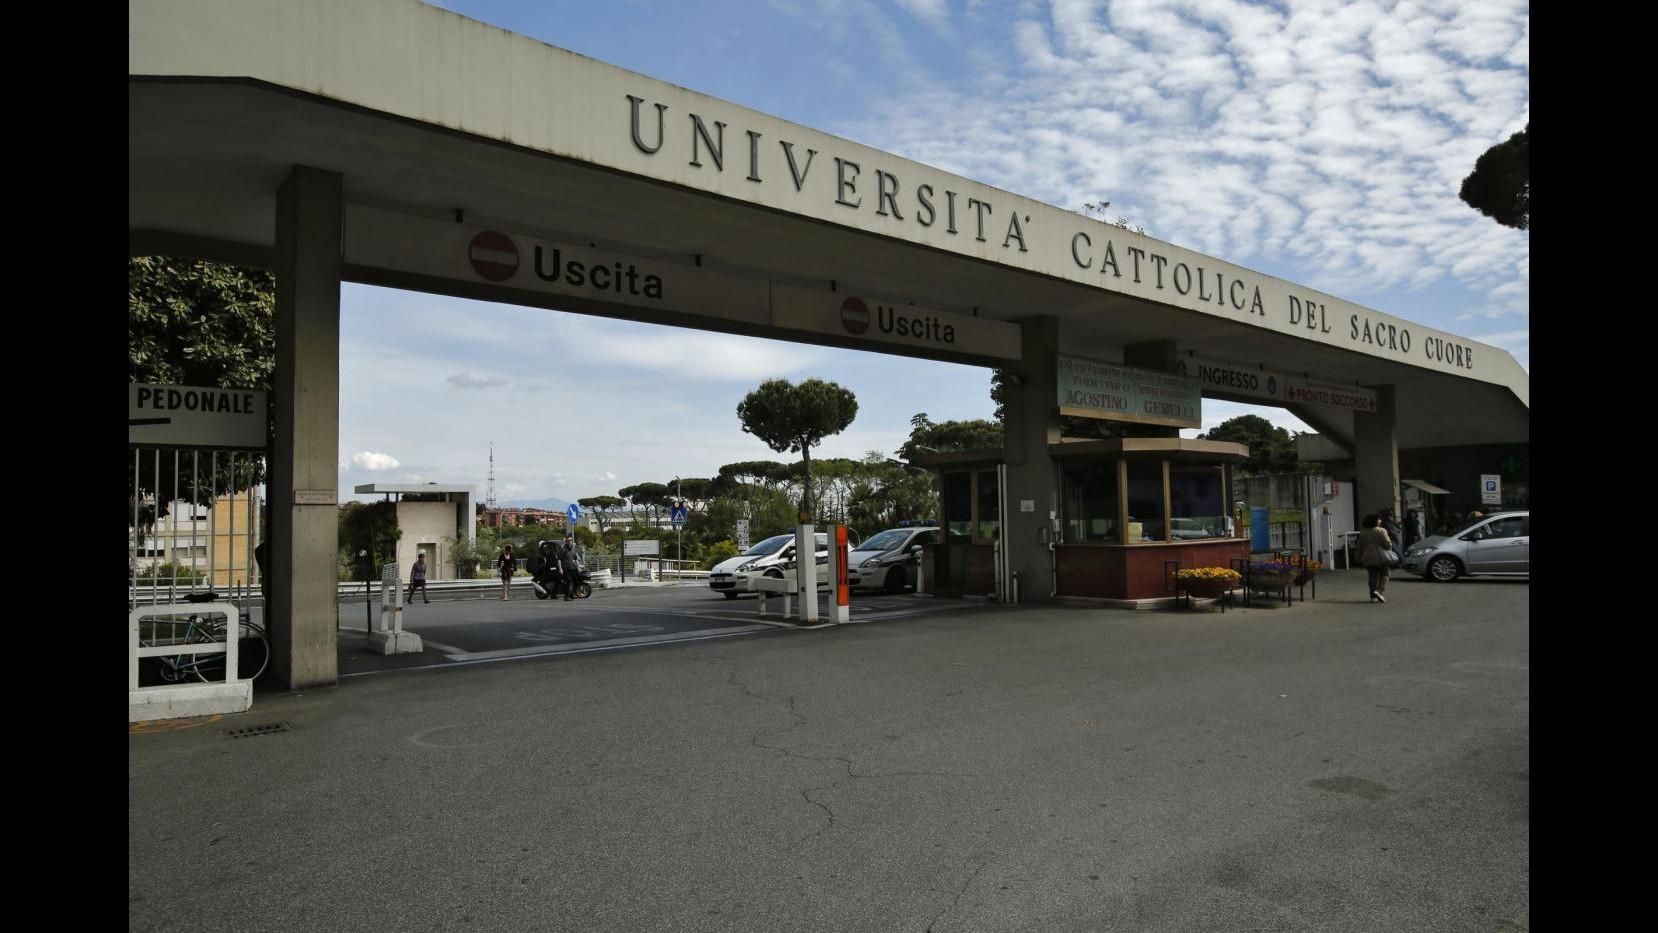 Esposito, terminata autopsia: la salma di Ciro verso Napoli